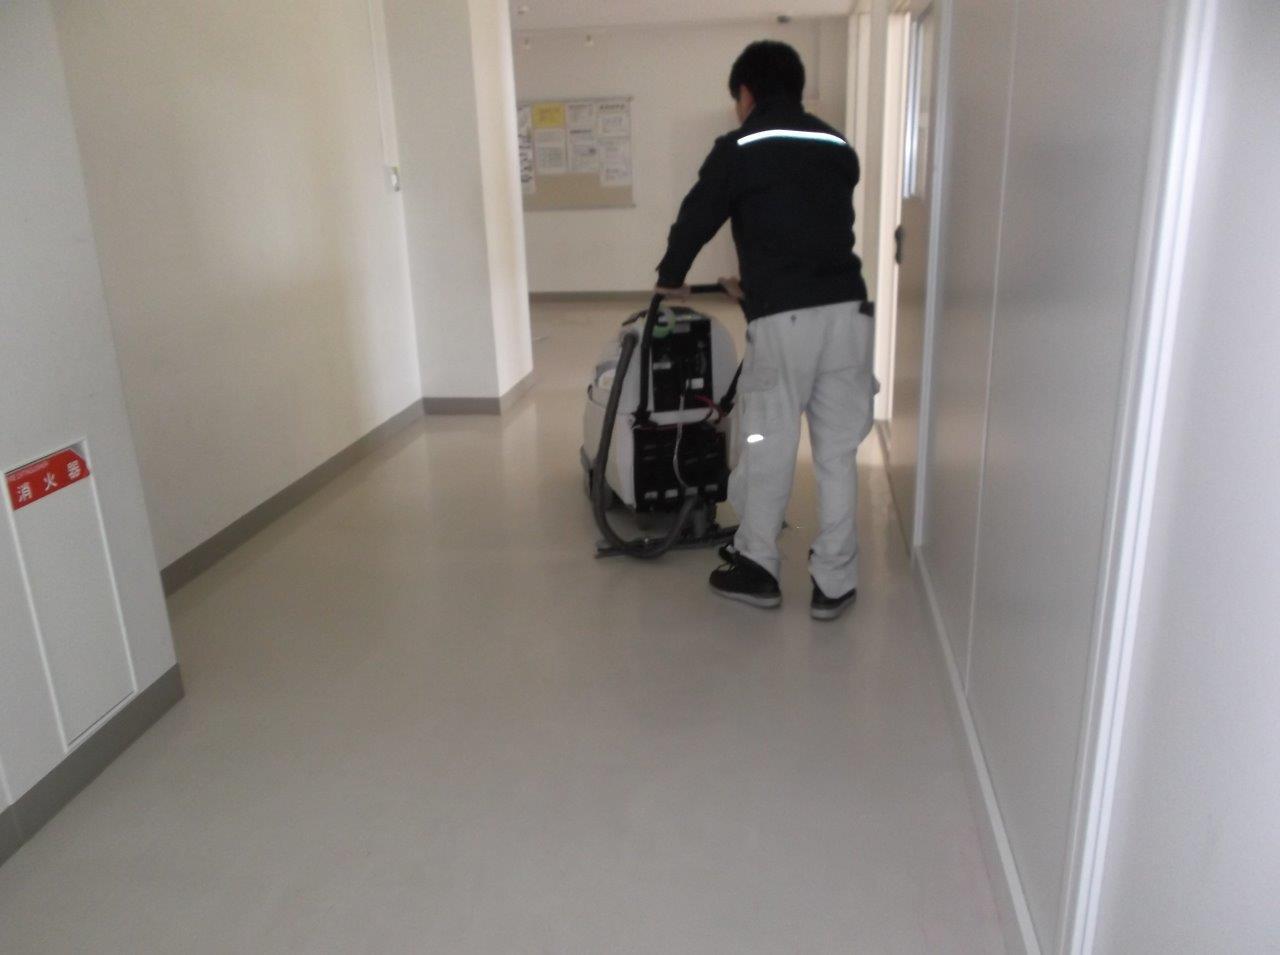 ビルの日常清掃